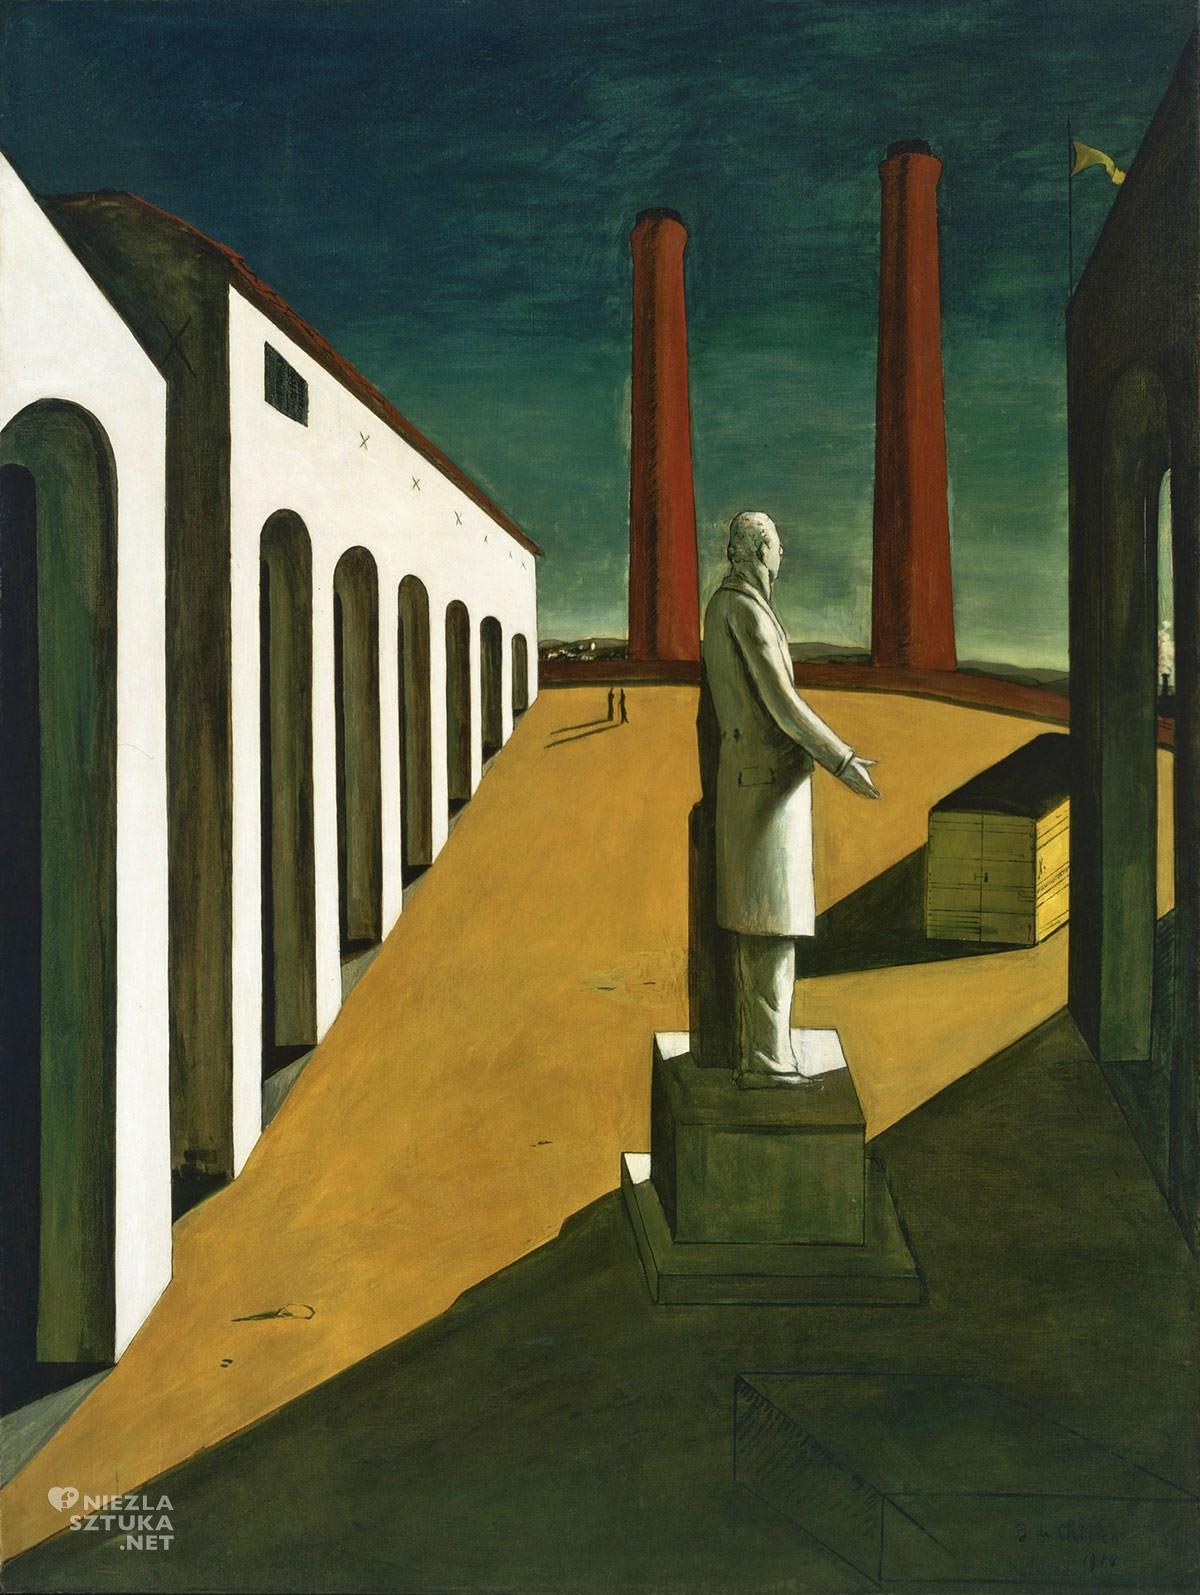 Giorgio de Chirico, Enigma dnia, sztuka włoska, malarstwo włoskie, surrealizm włoski, surrealizm, malarstwo metafizyczne, początek surrealizmu, modernizm, Niezła Sztuka